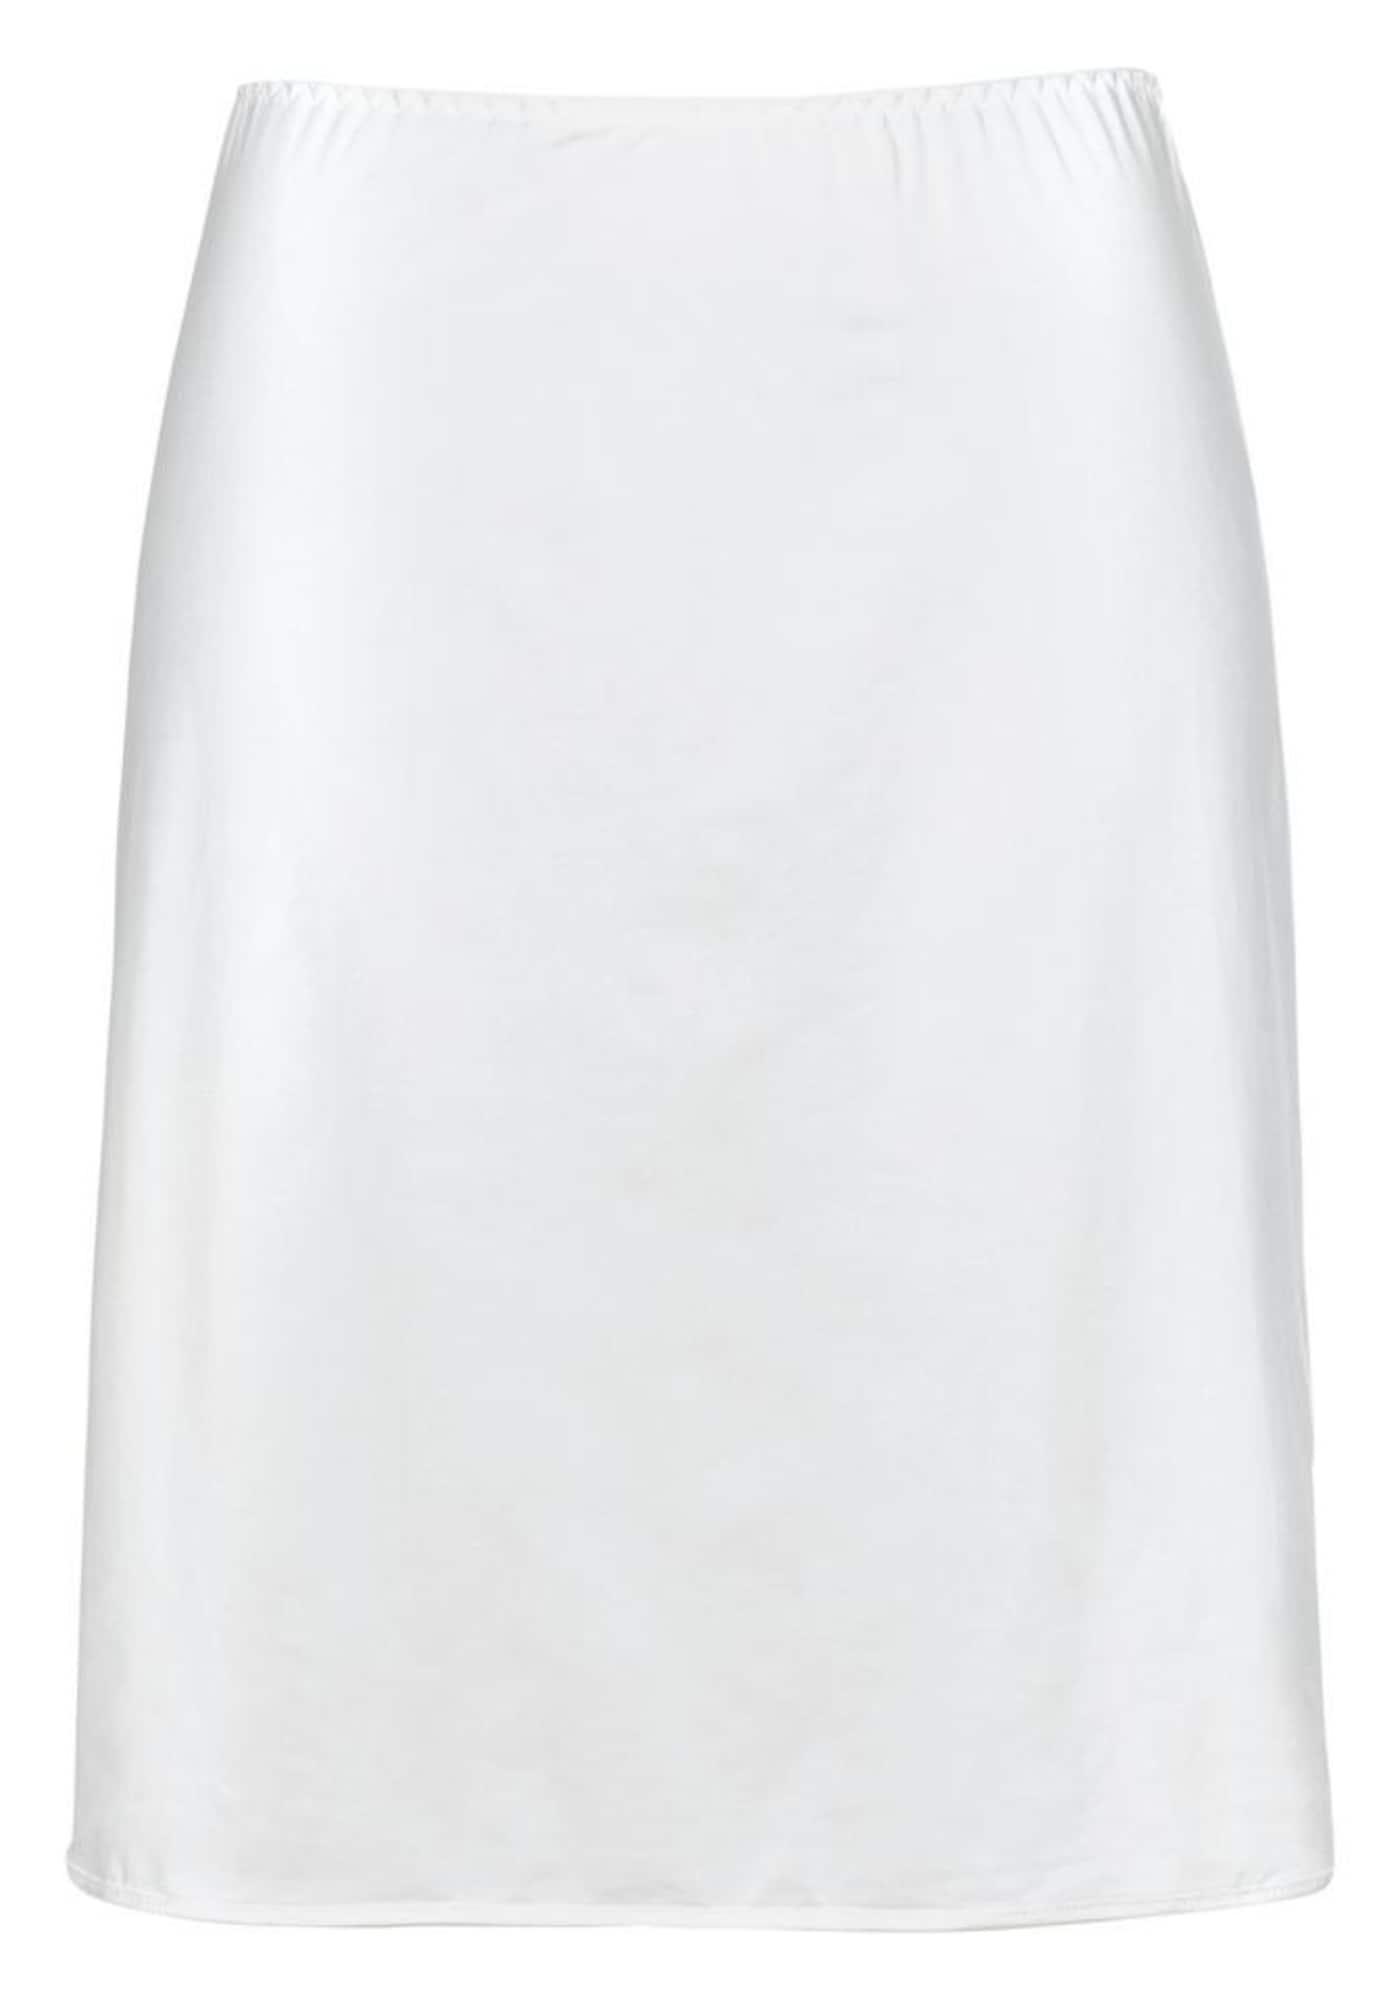 NUANCE Stahovací kalhotky  bílá